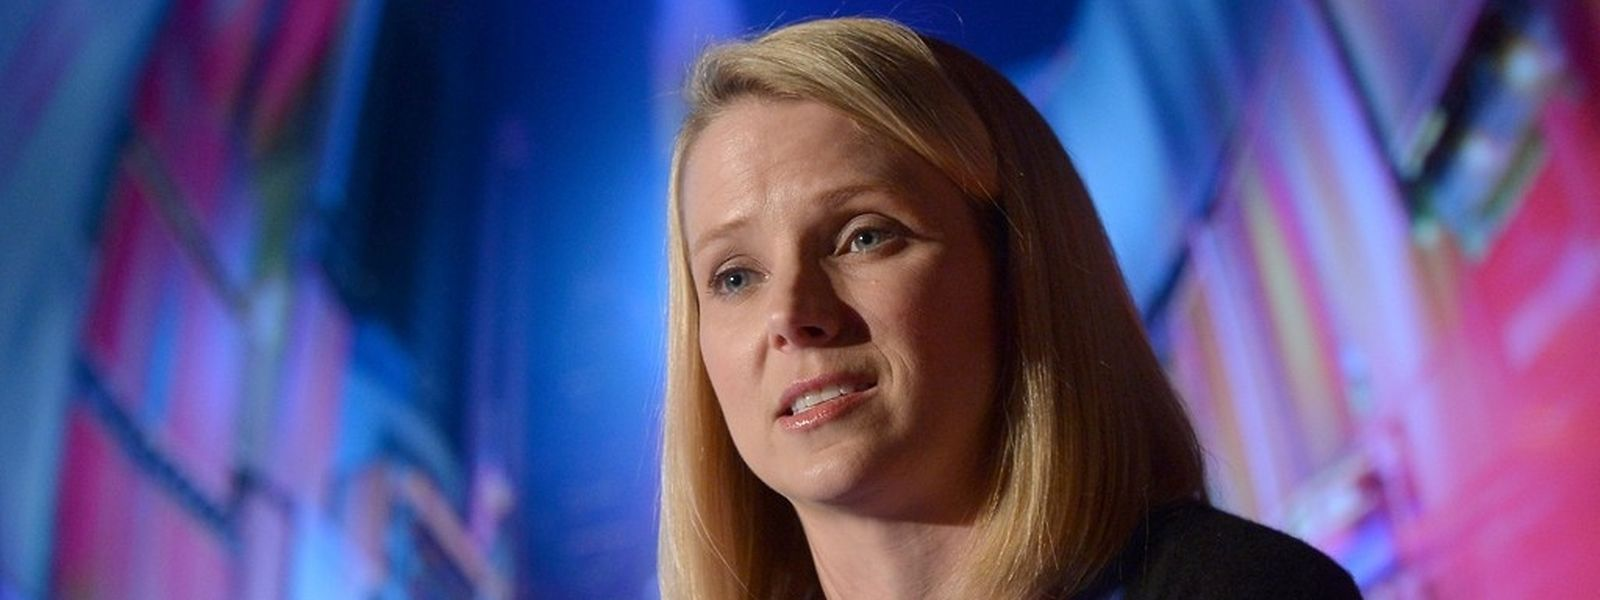 """""""Yahoo ist mitten in einem mehrjährigen Umbau, um als Unternehmen wieder eine Ikone zu werden"""", sagte Konzernchefin Marissa Mayer. (Foto: AFP)"""